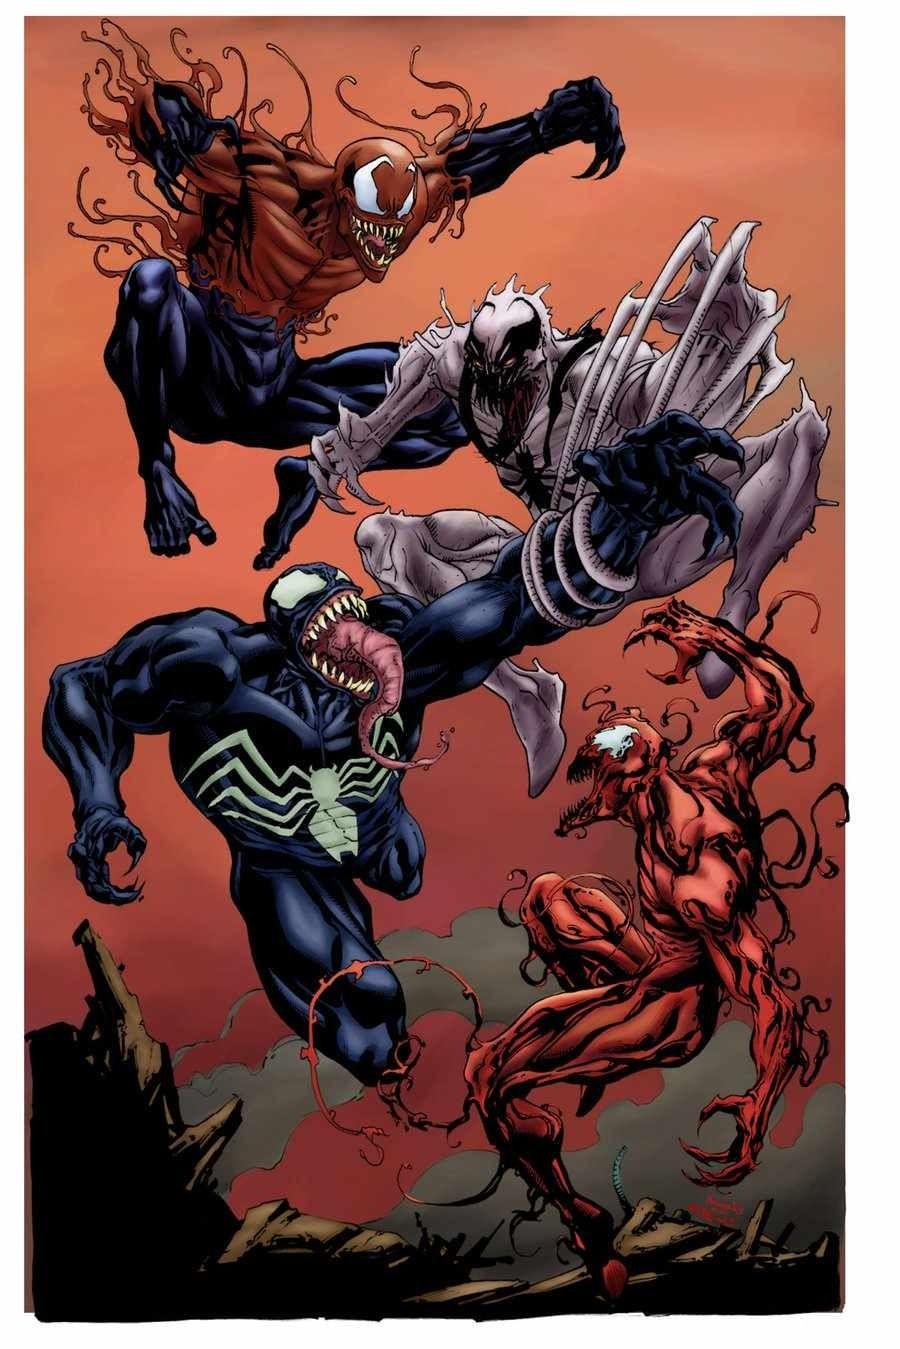 Перевод «Venom» с итальянского на румынский язык с примерами - asspub.ro